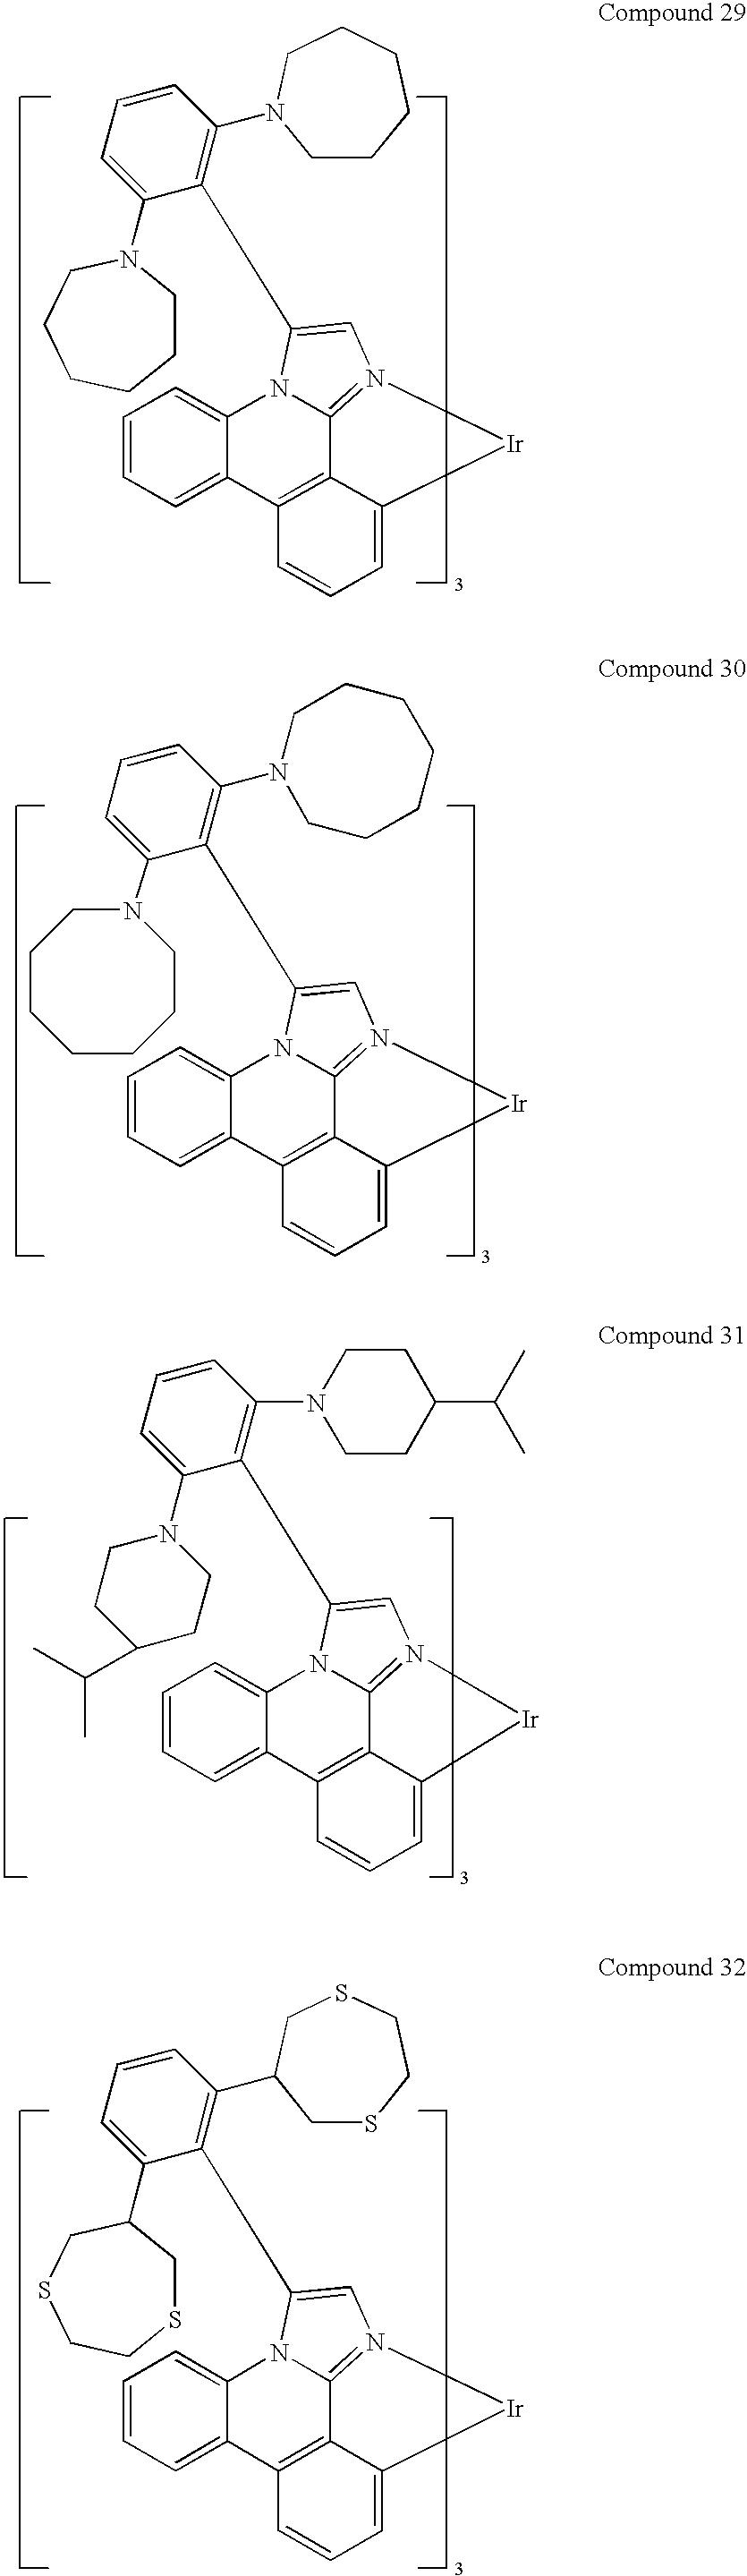 Figure US20100148663A1-20100617-C00169